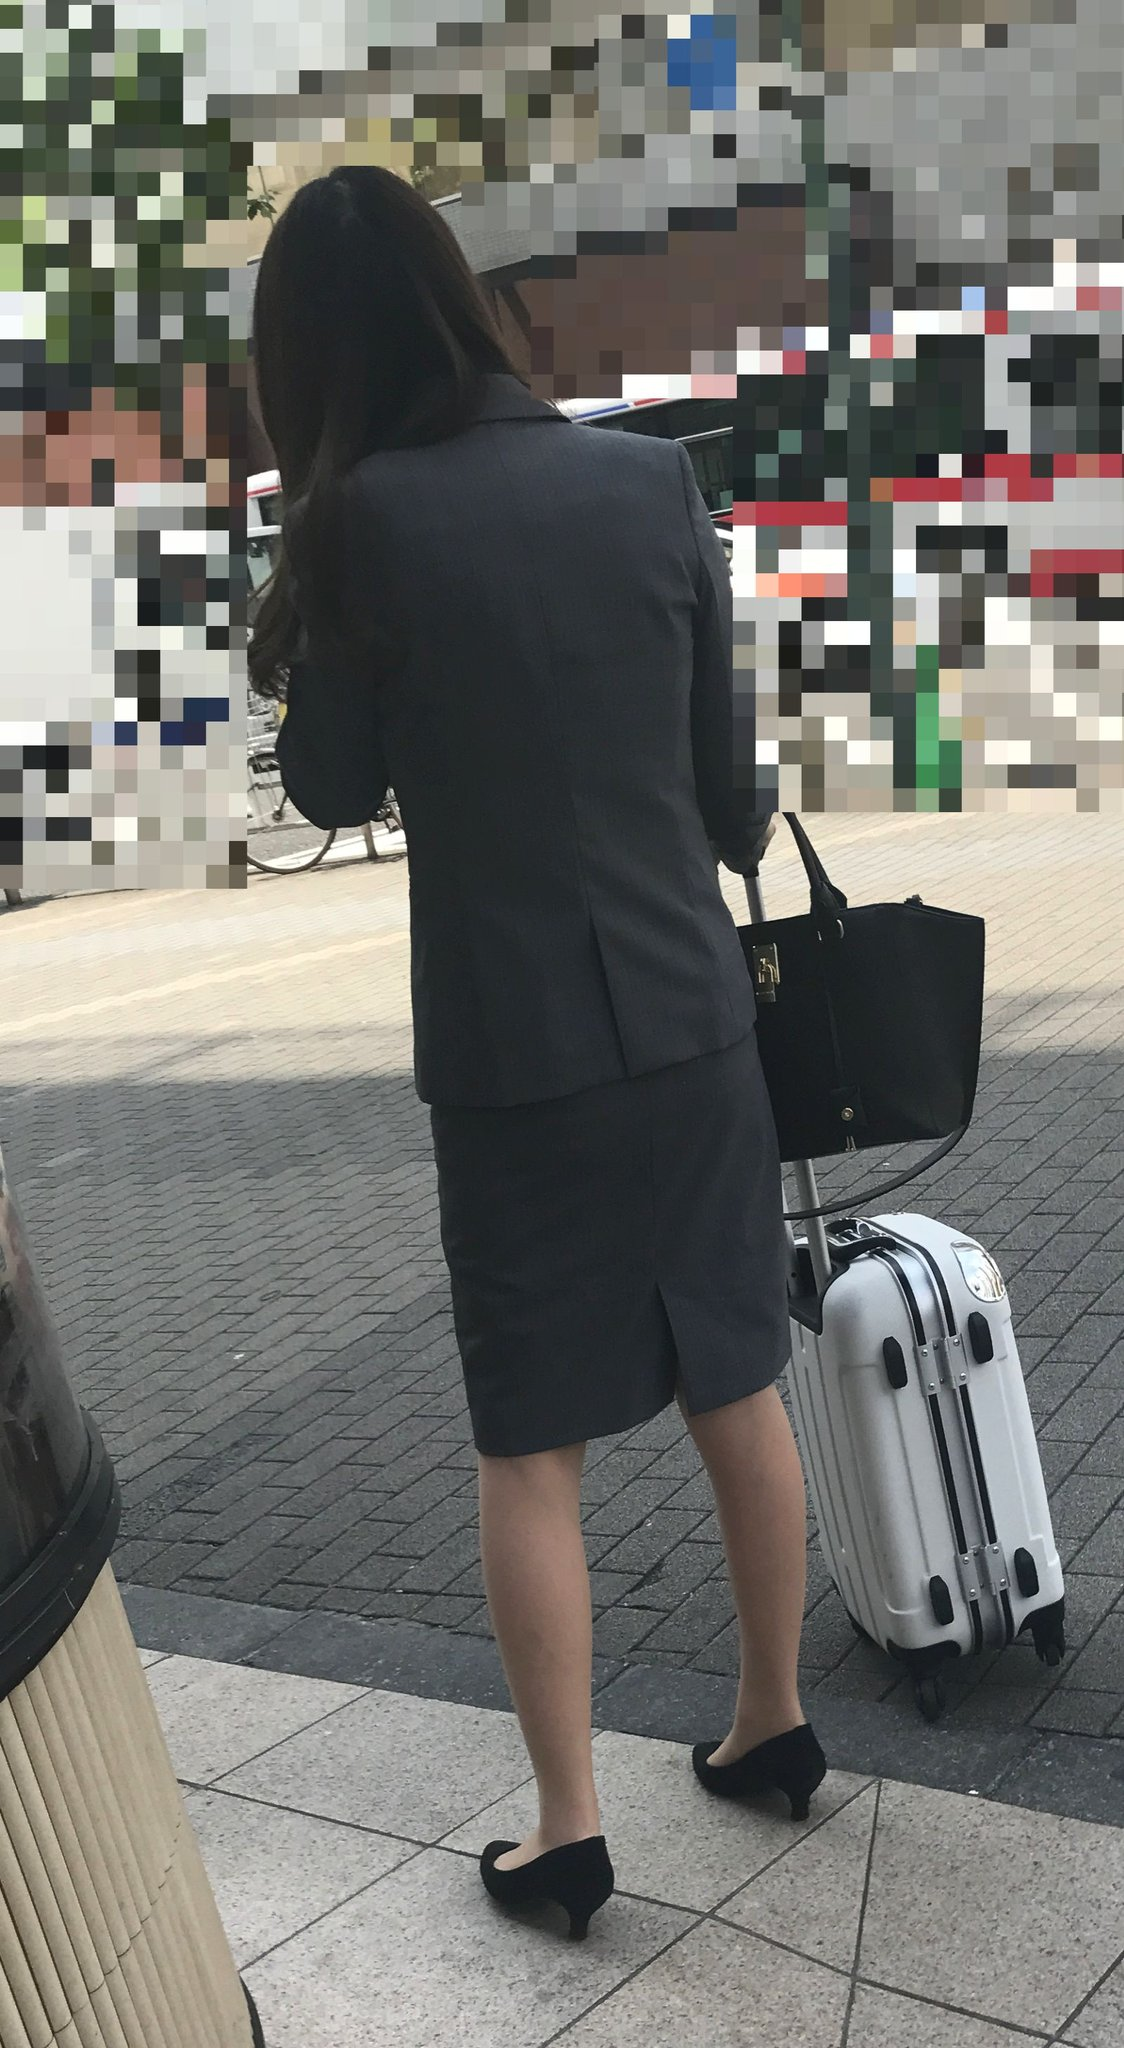 素人の女の子を街撮りしたエロ画像をくださいwwwwwwwwwwwwww L48XsNH